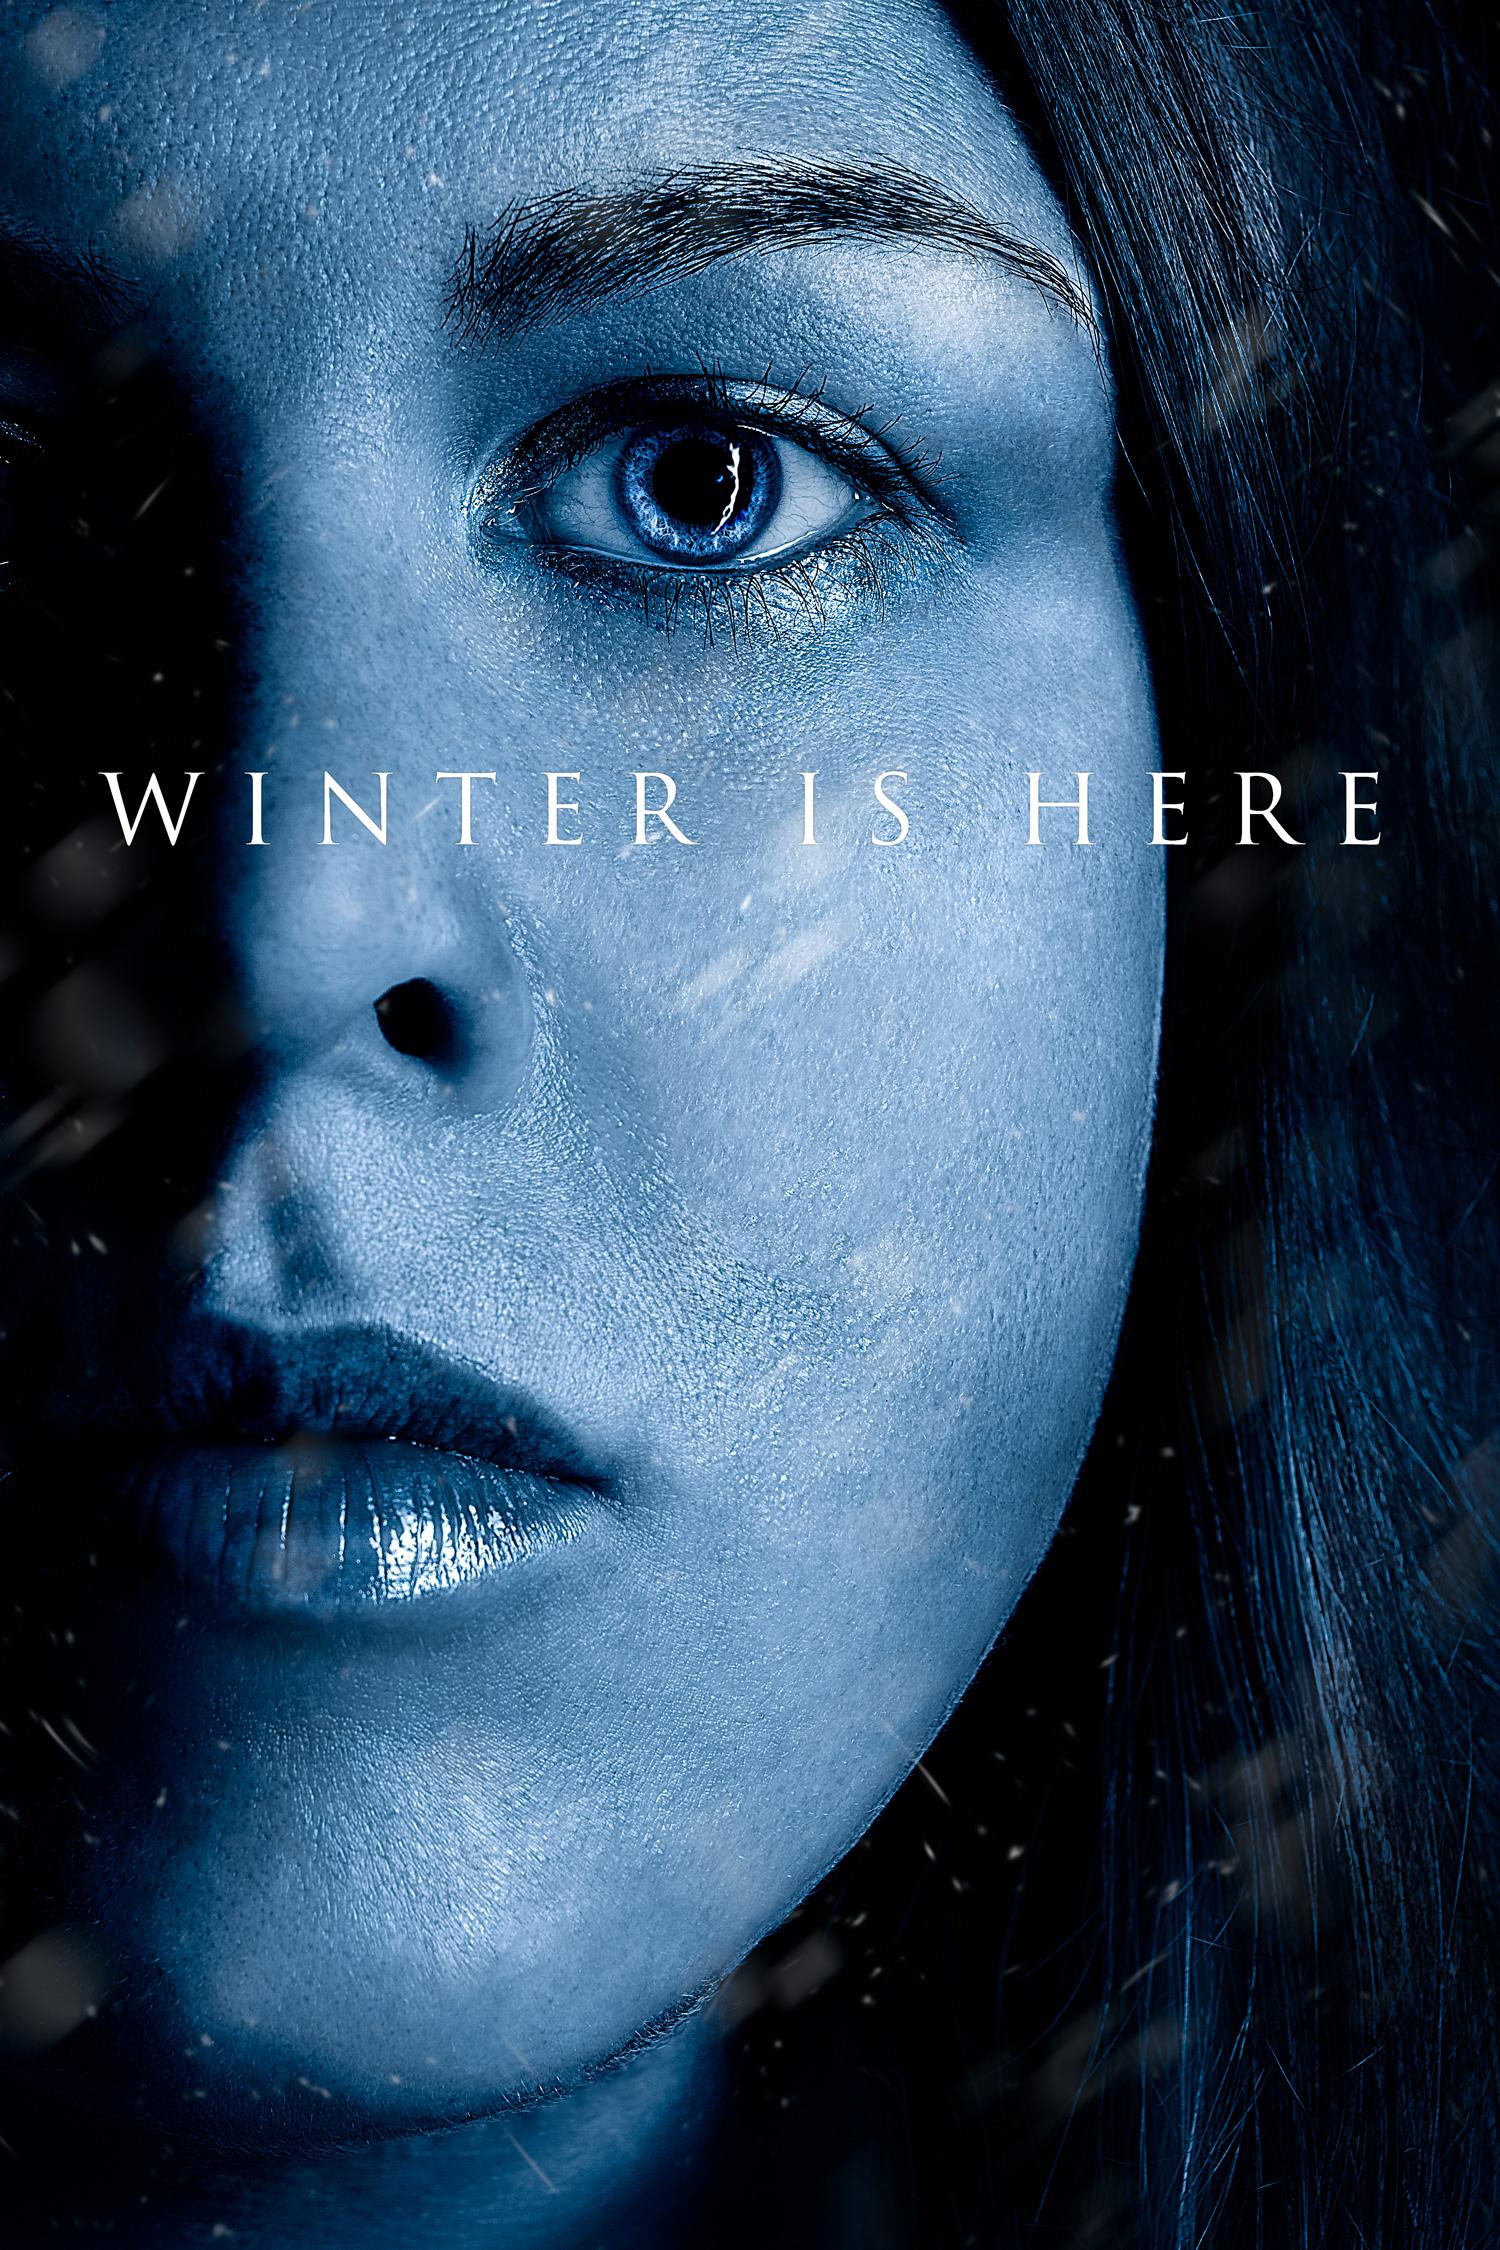 Gestalte dein Porträt als Poster im Look von Game of Thrones. Photoshop & Lightroom helfen dir dabei!